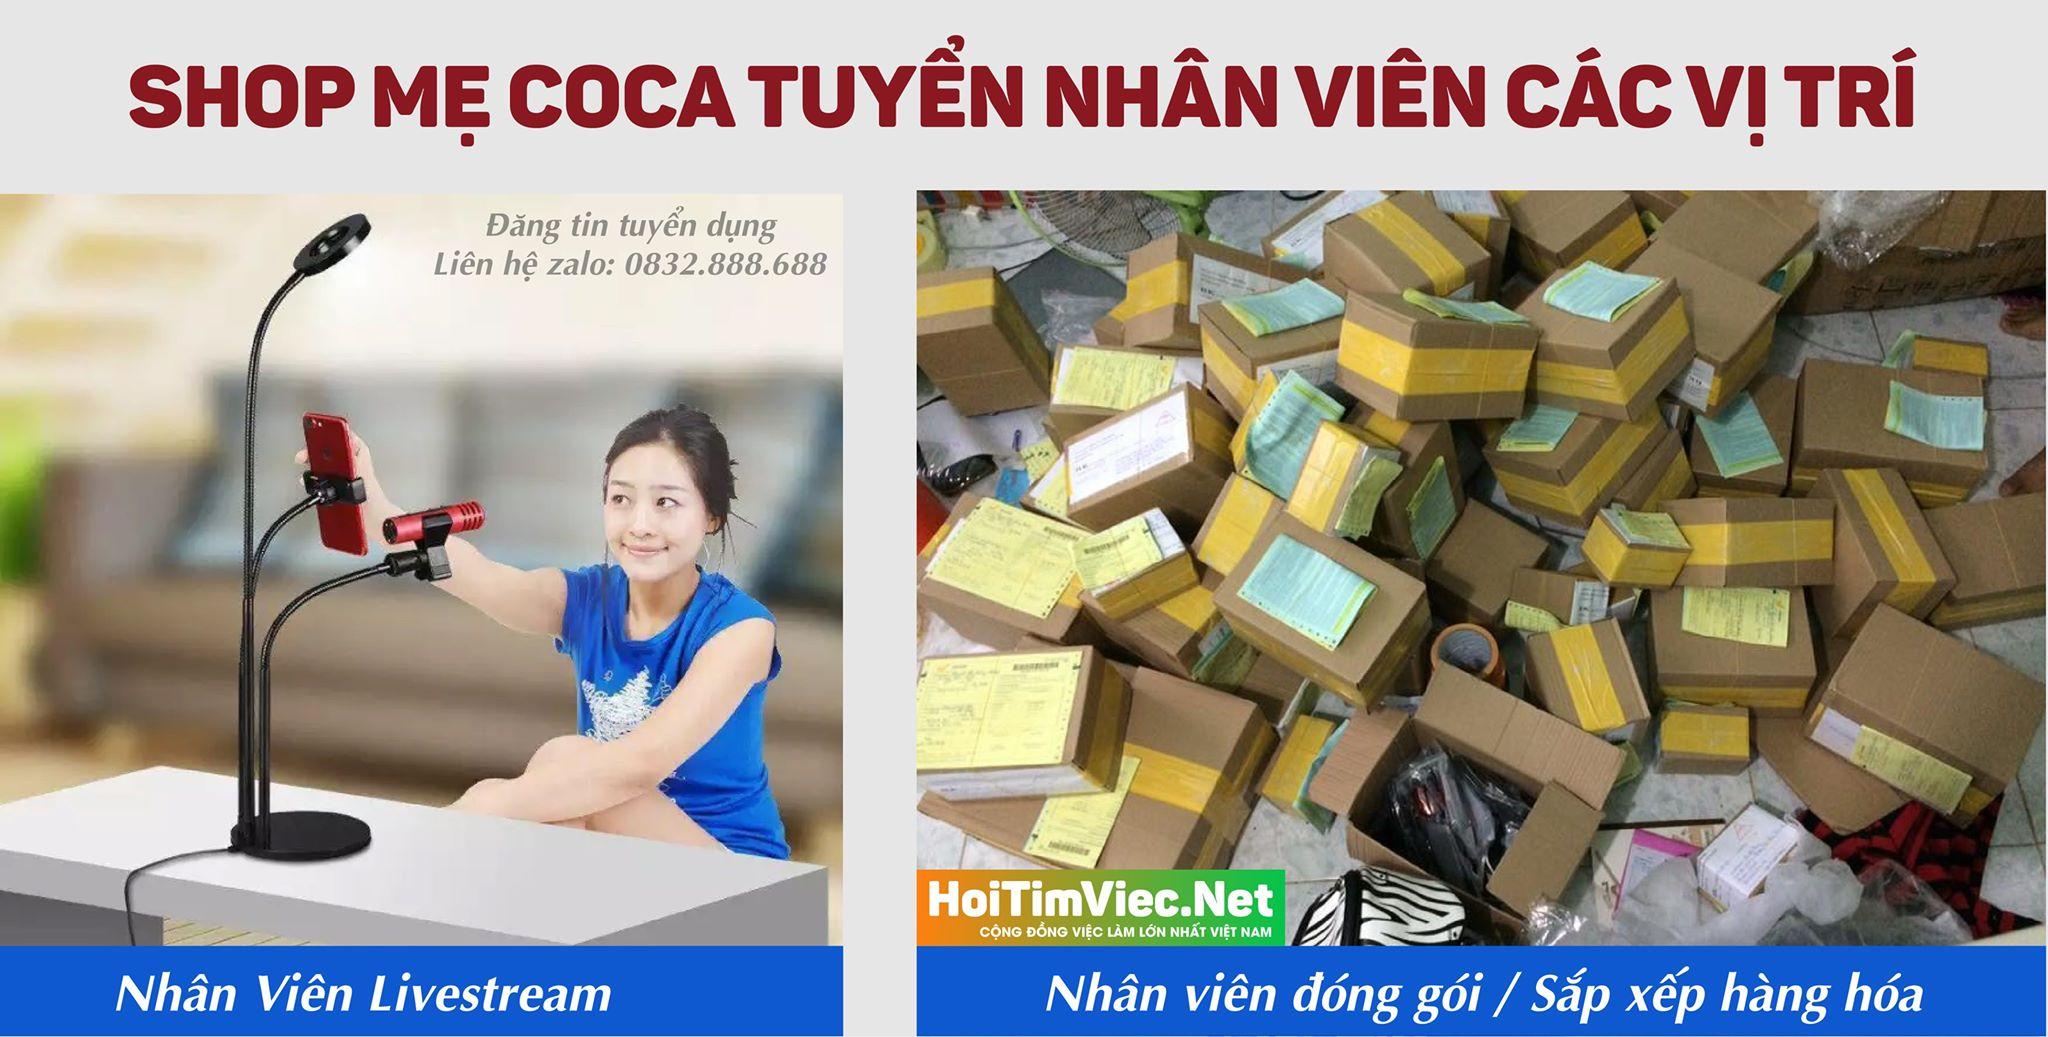 Tuyển nhân viên chốt livestream, đóng gói – Shop mẹ Coca